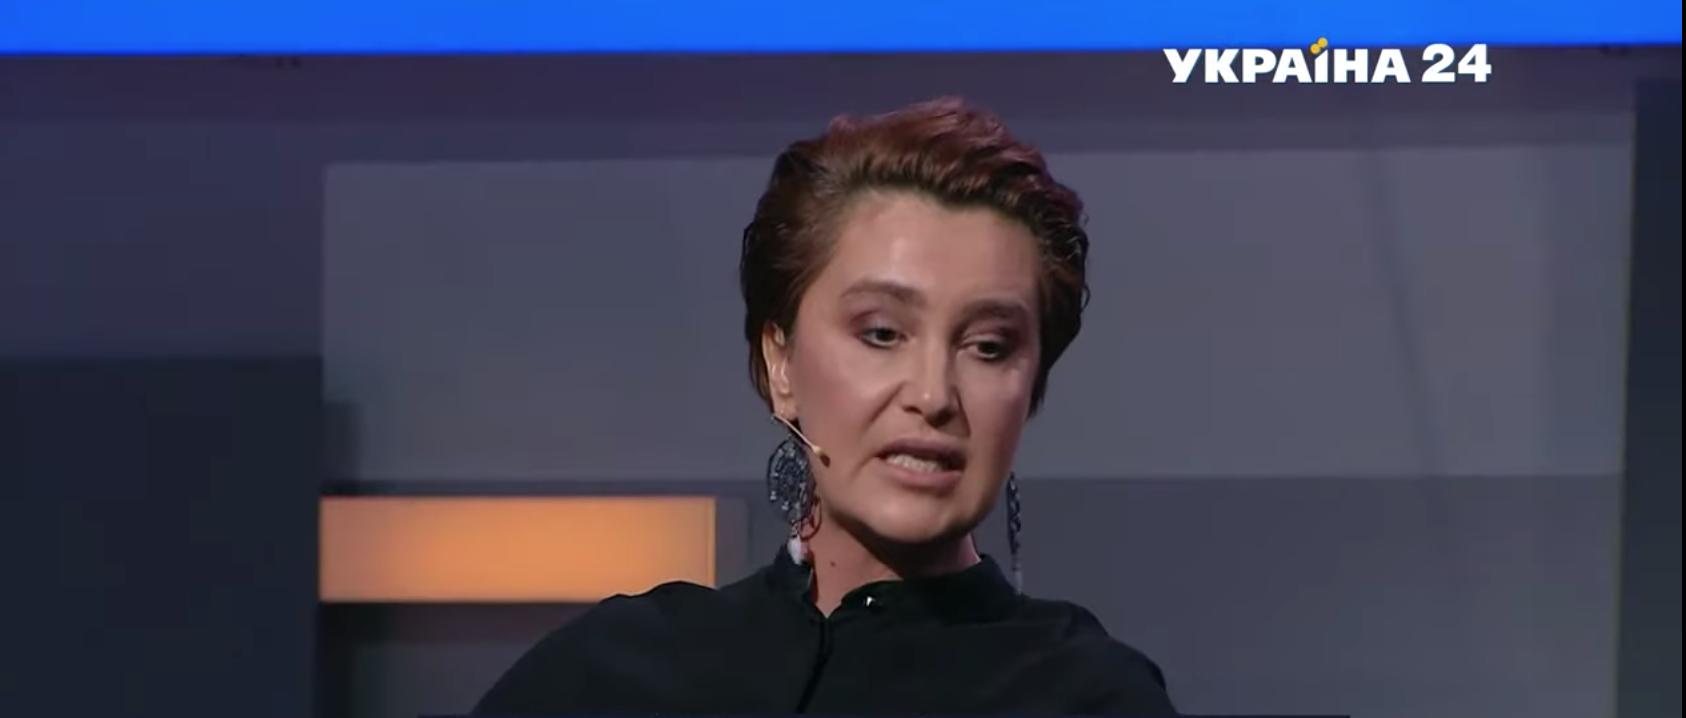 """Сніжана Єгорова на каналі """"Україна 24""""."""